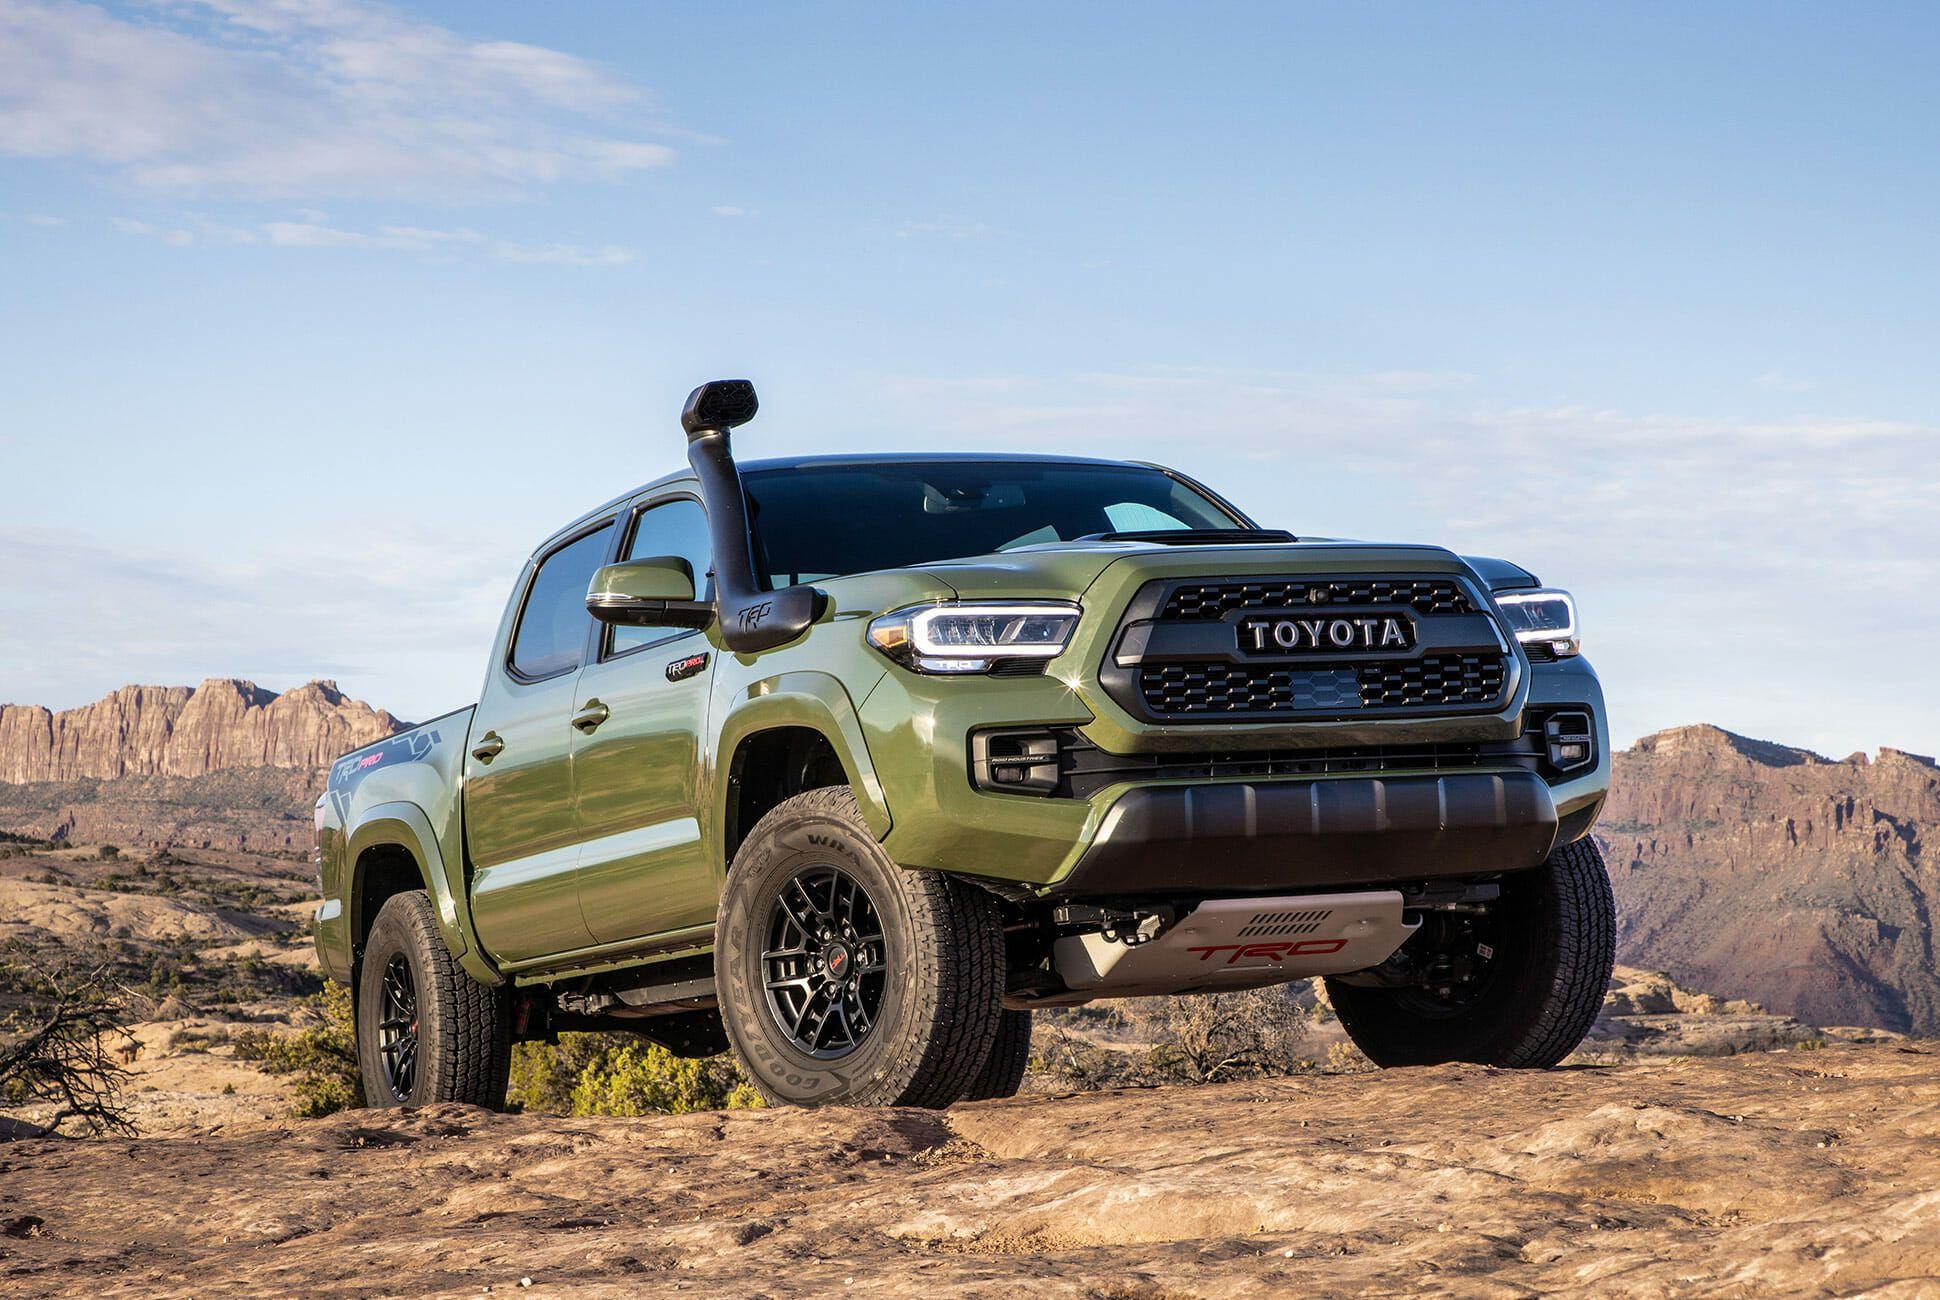 Toyota-4Runner-Tacoma-TRD-Pro-2020-gear-patrol-slide-8